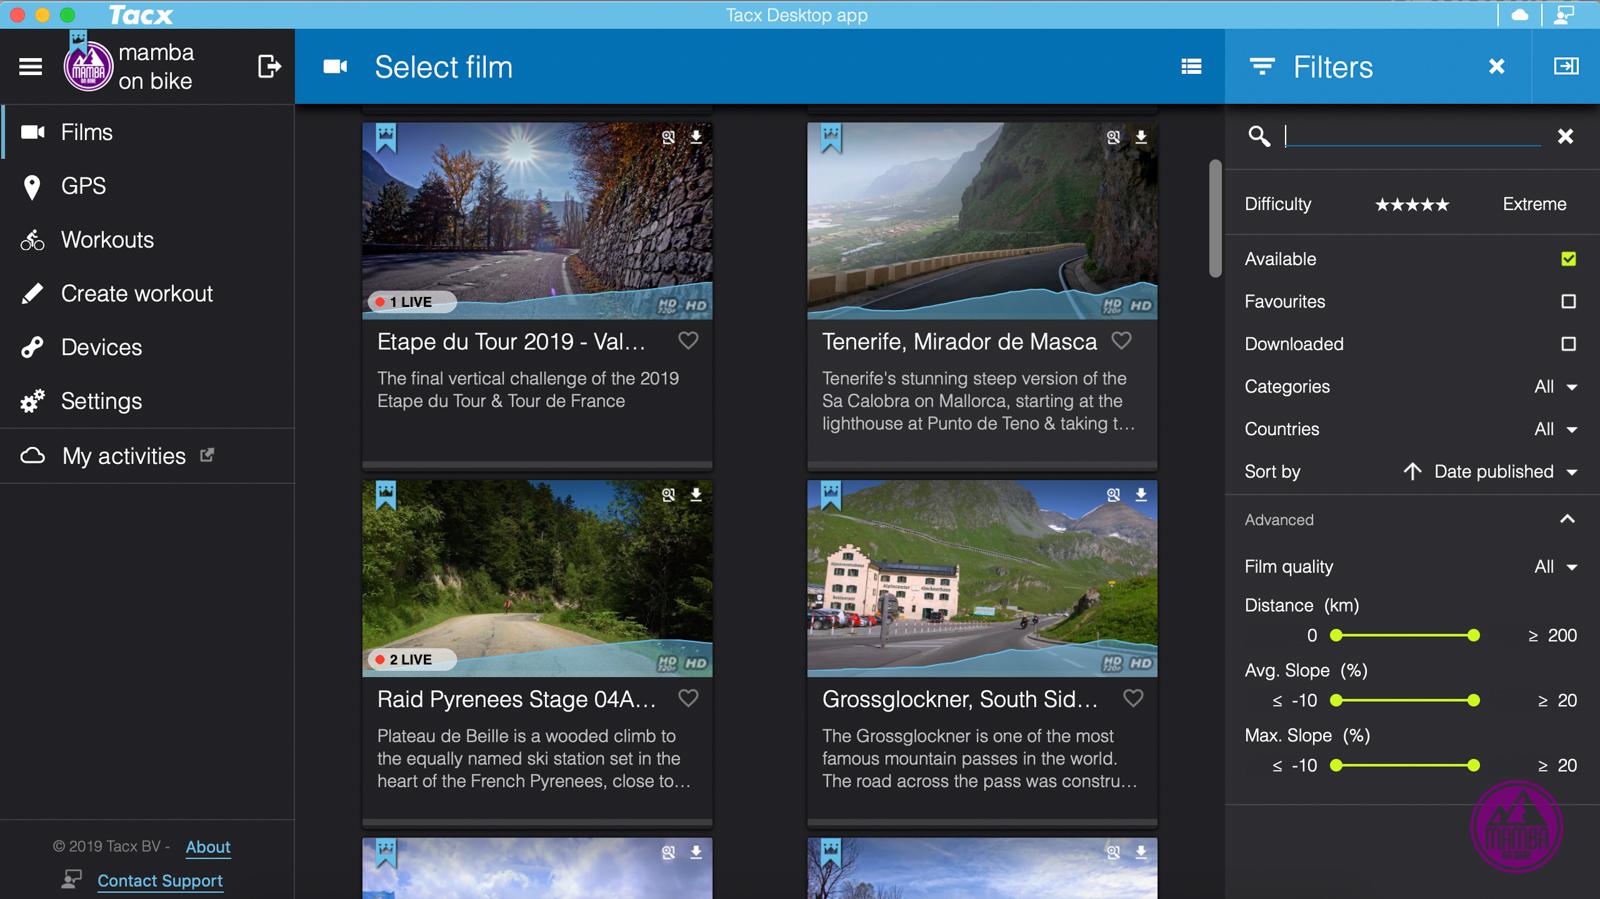 Tacx Desktop App live opponents